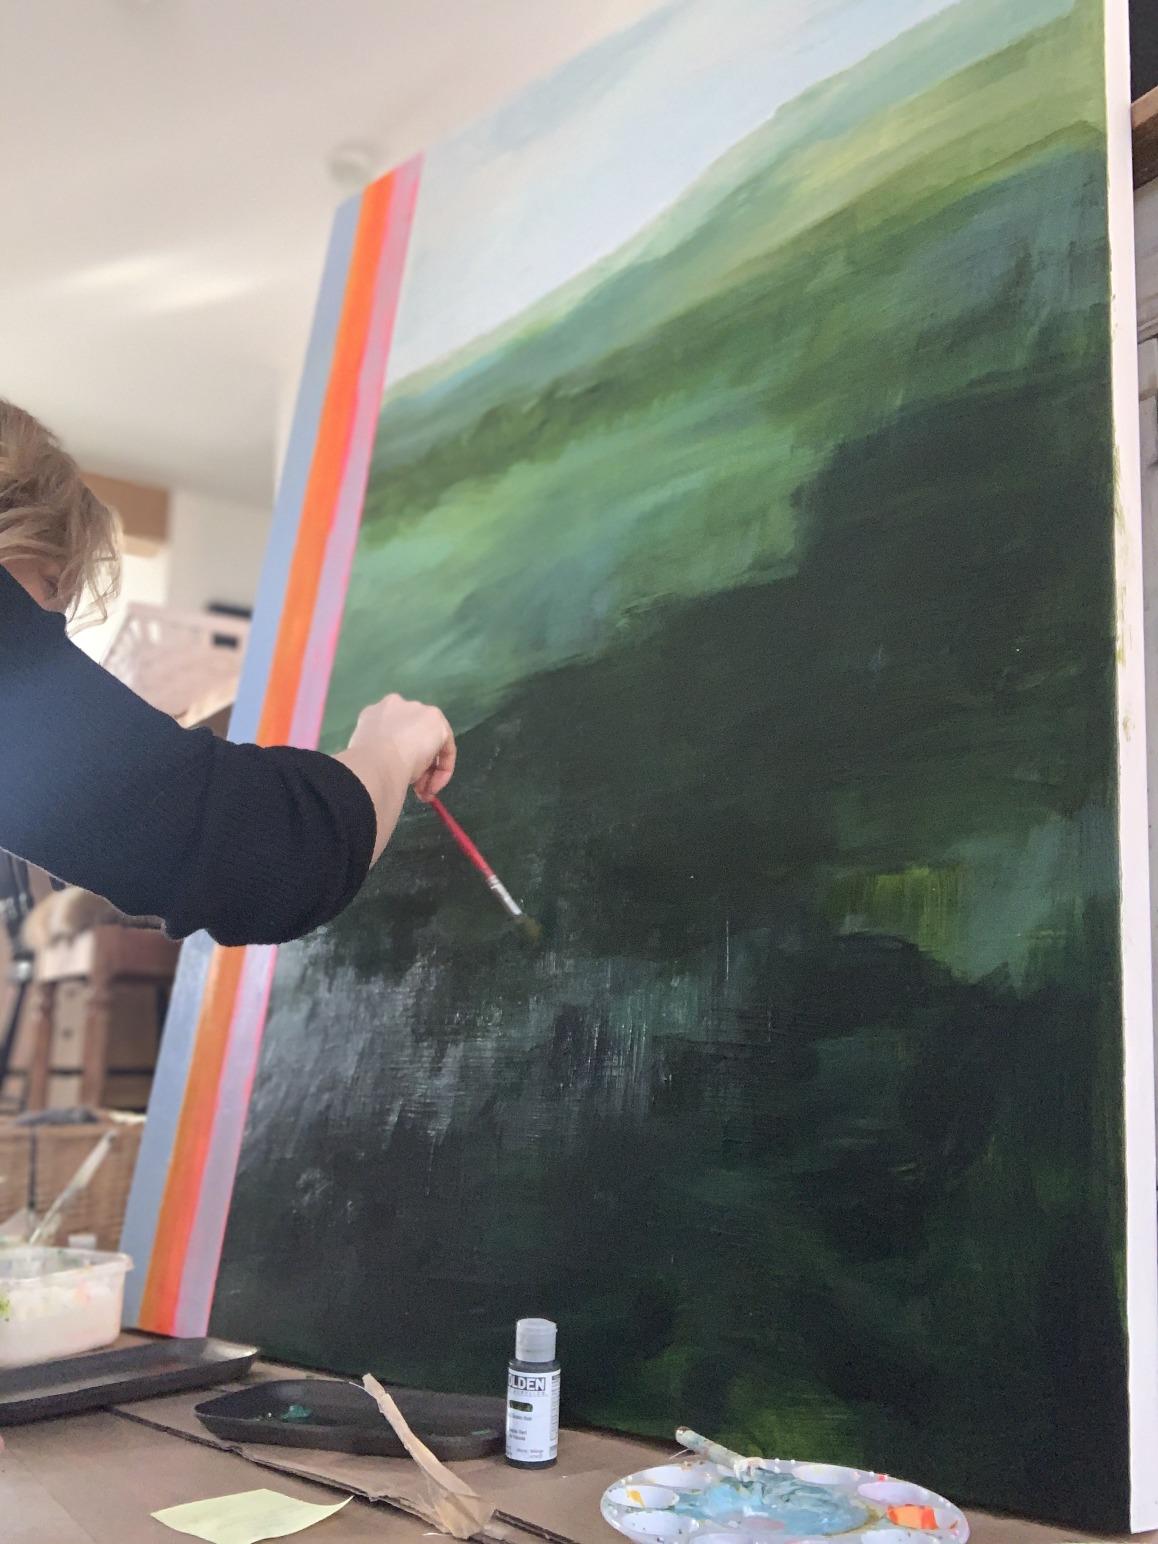 Marie-Claude Lord en processus de création sur une toile recouverte de plusieurs teintes de verts et de bleus